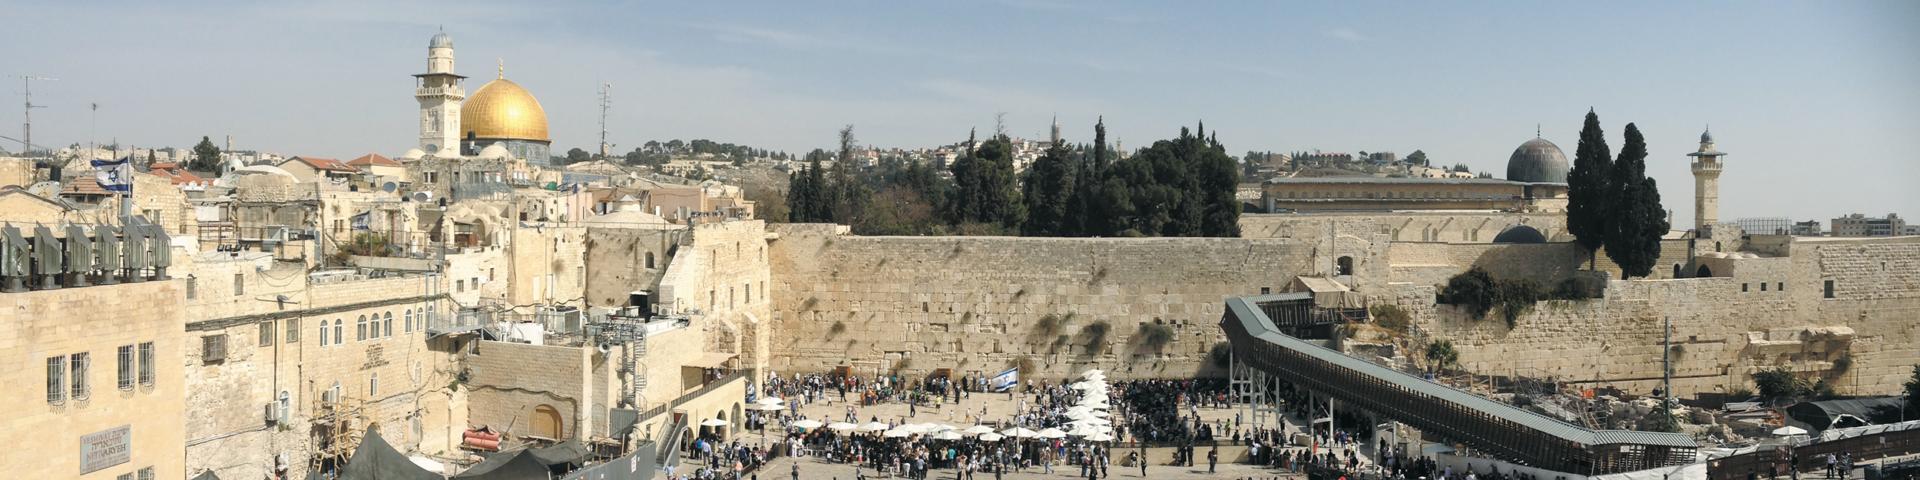 Exodus Travels reizen